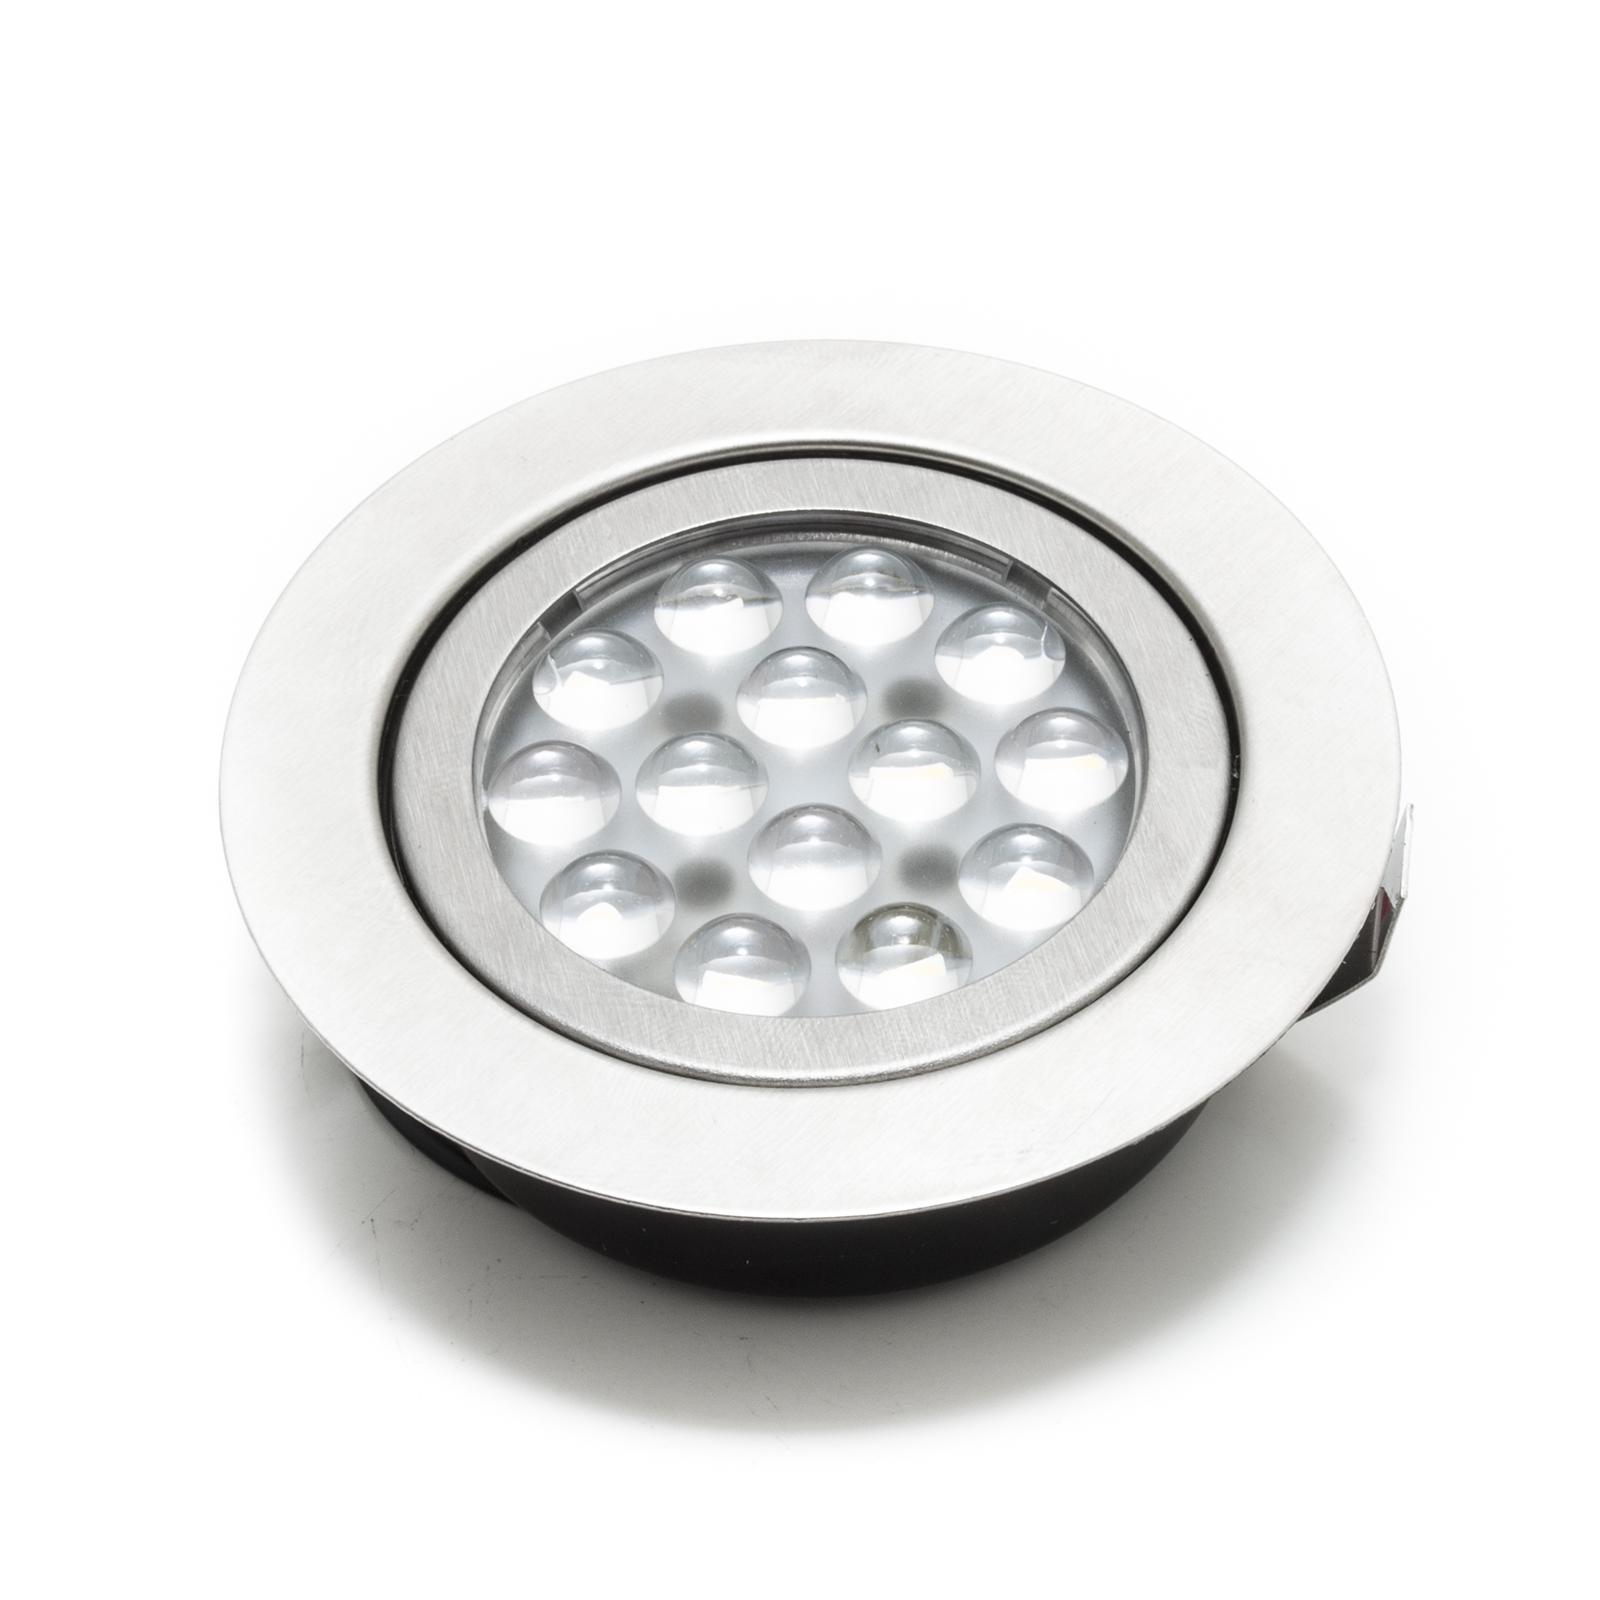 Faretto led incasso 3w slim luce fredda cappa cucina mensole 220v ...